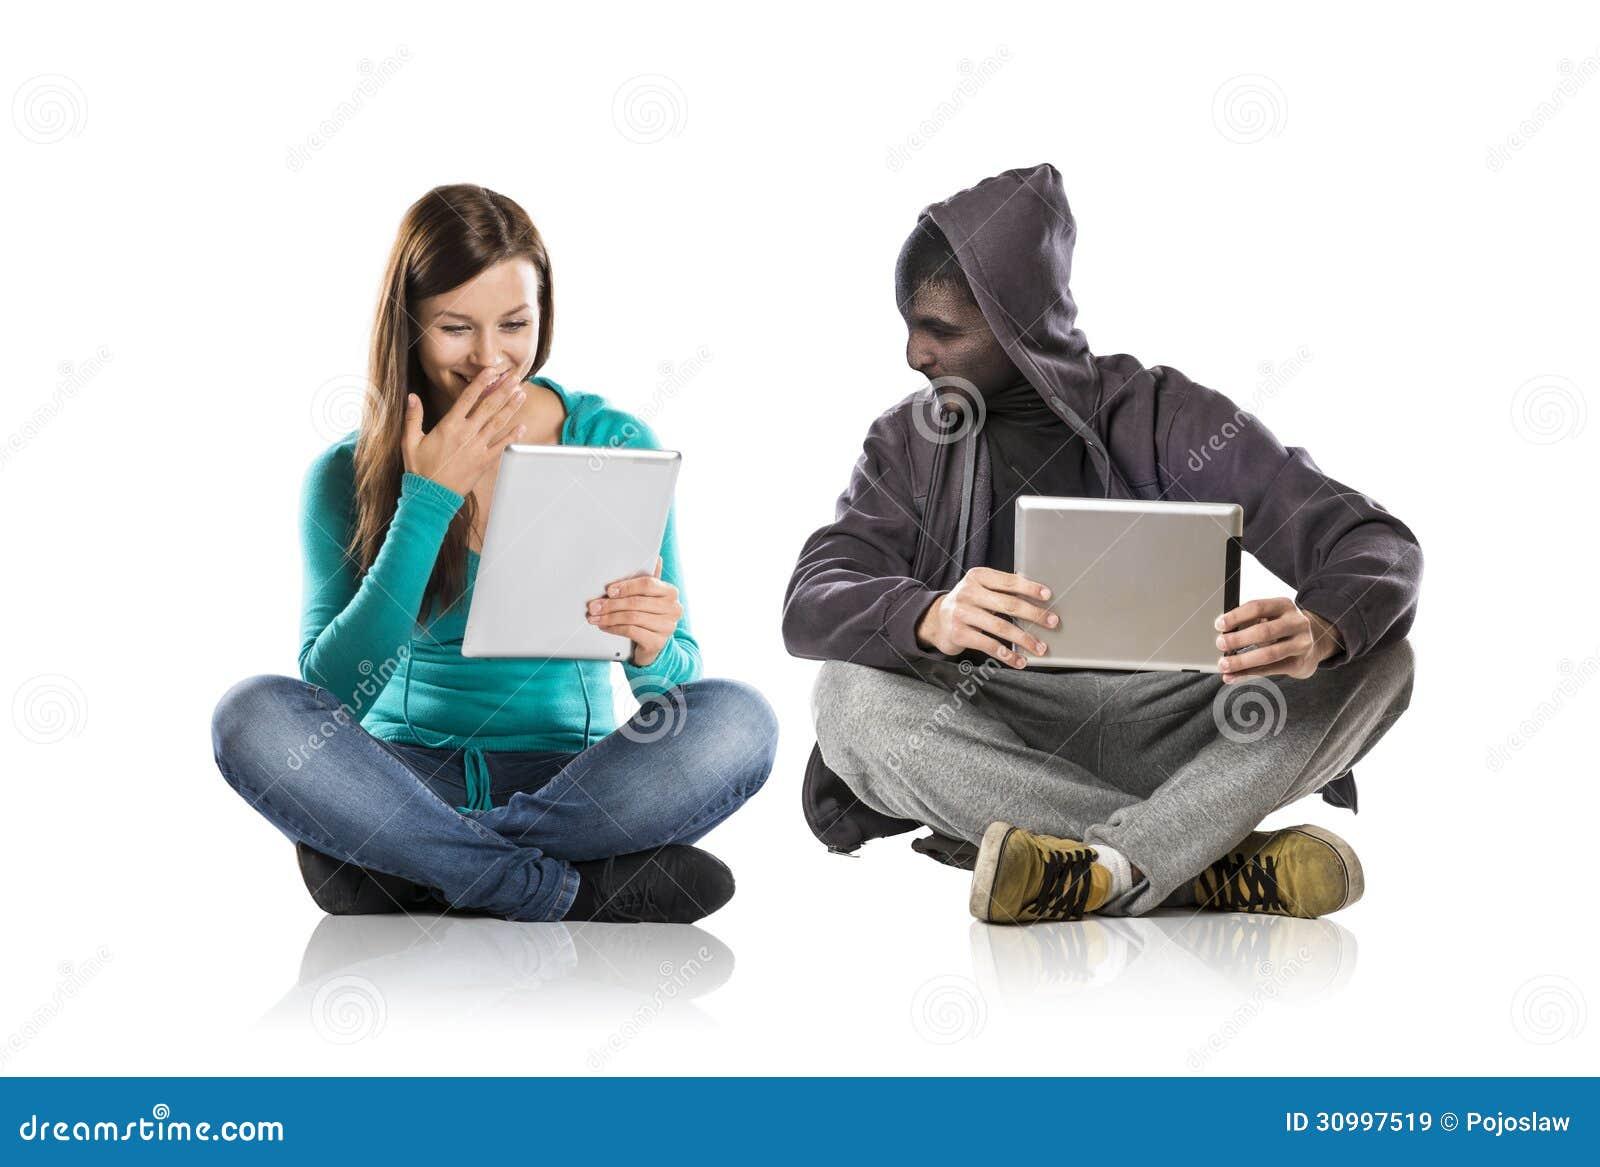 danger d 39 internet images libres de droits image 30997519. Black Bedroom Furniture Sets. Home Design Ideas